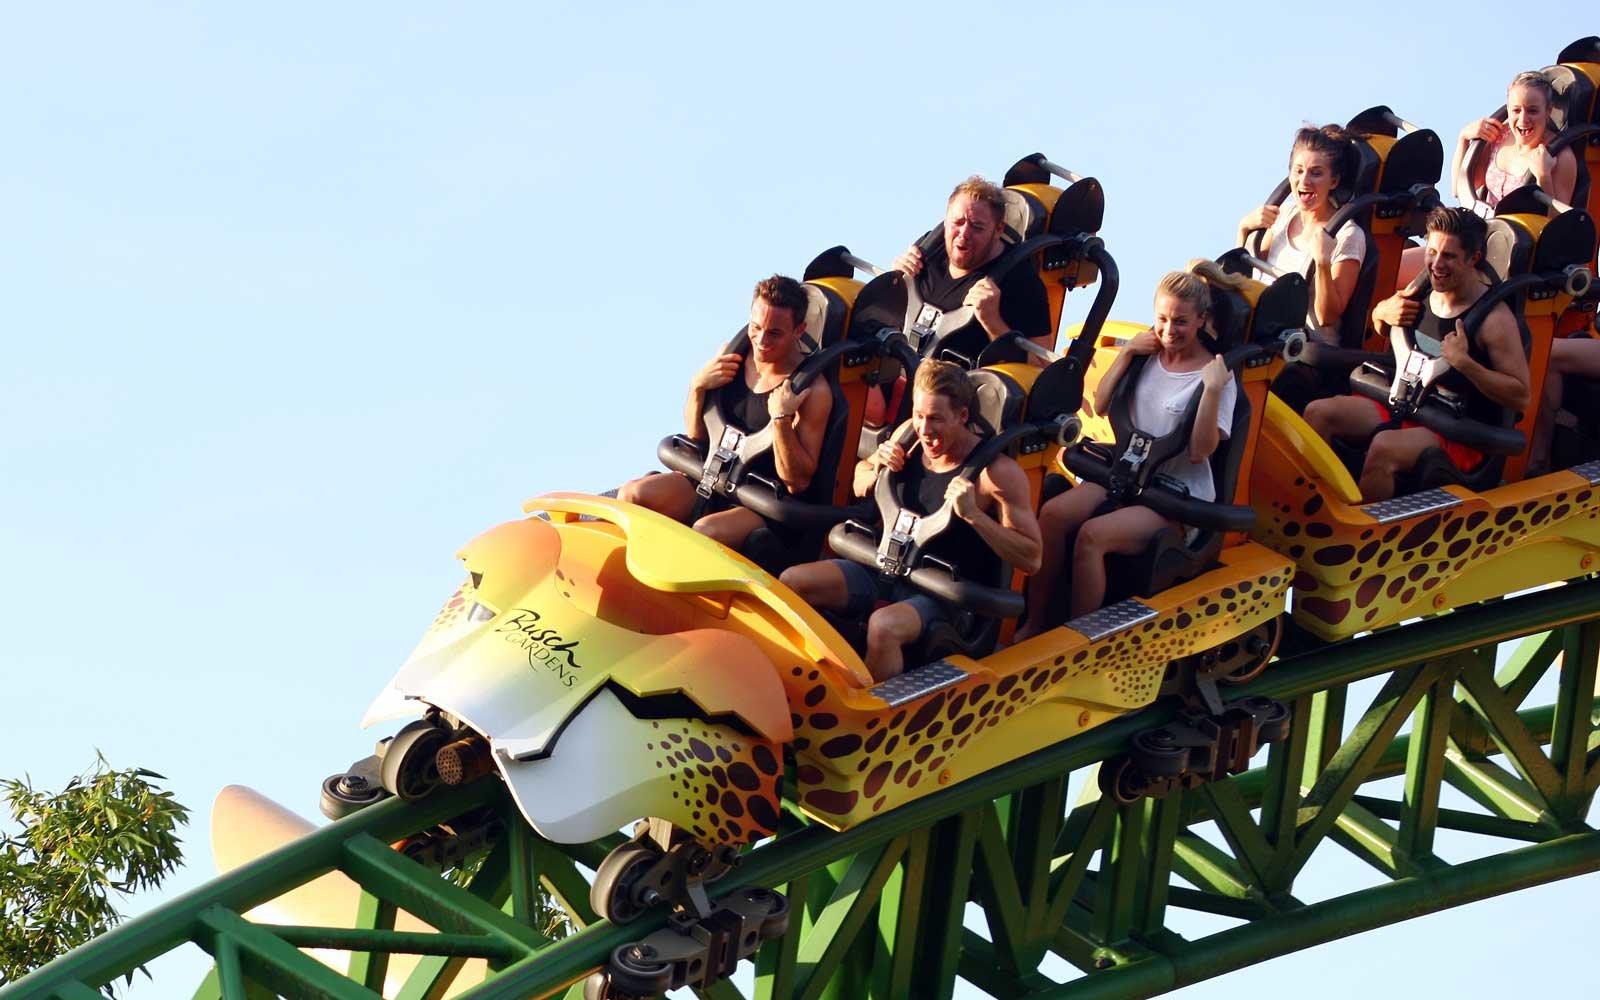 Brinquedos e atrações em manutenção em Orlando em 2020: Cheetah Hunt no parque Busch Gardens